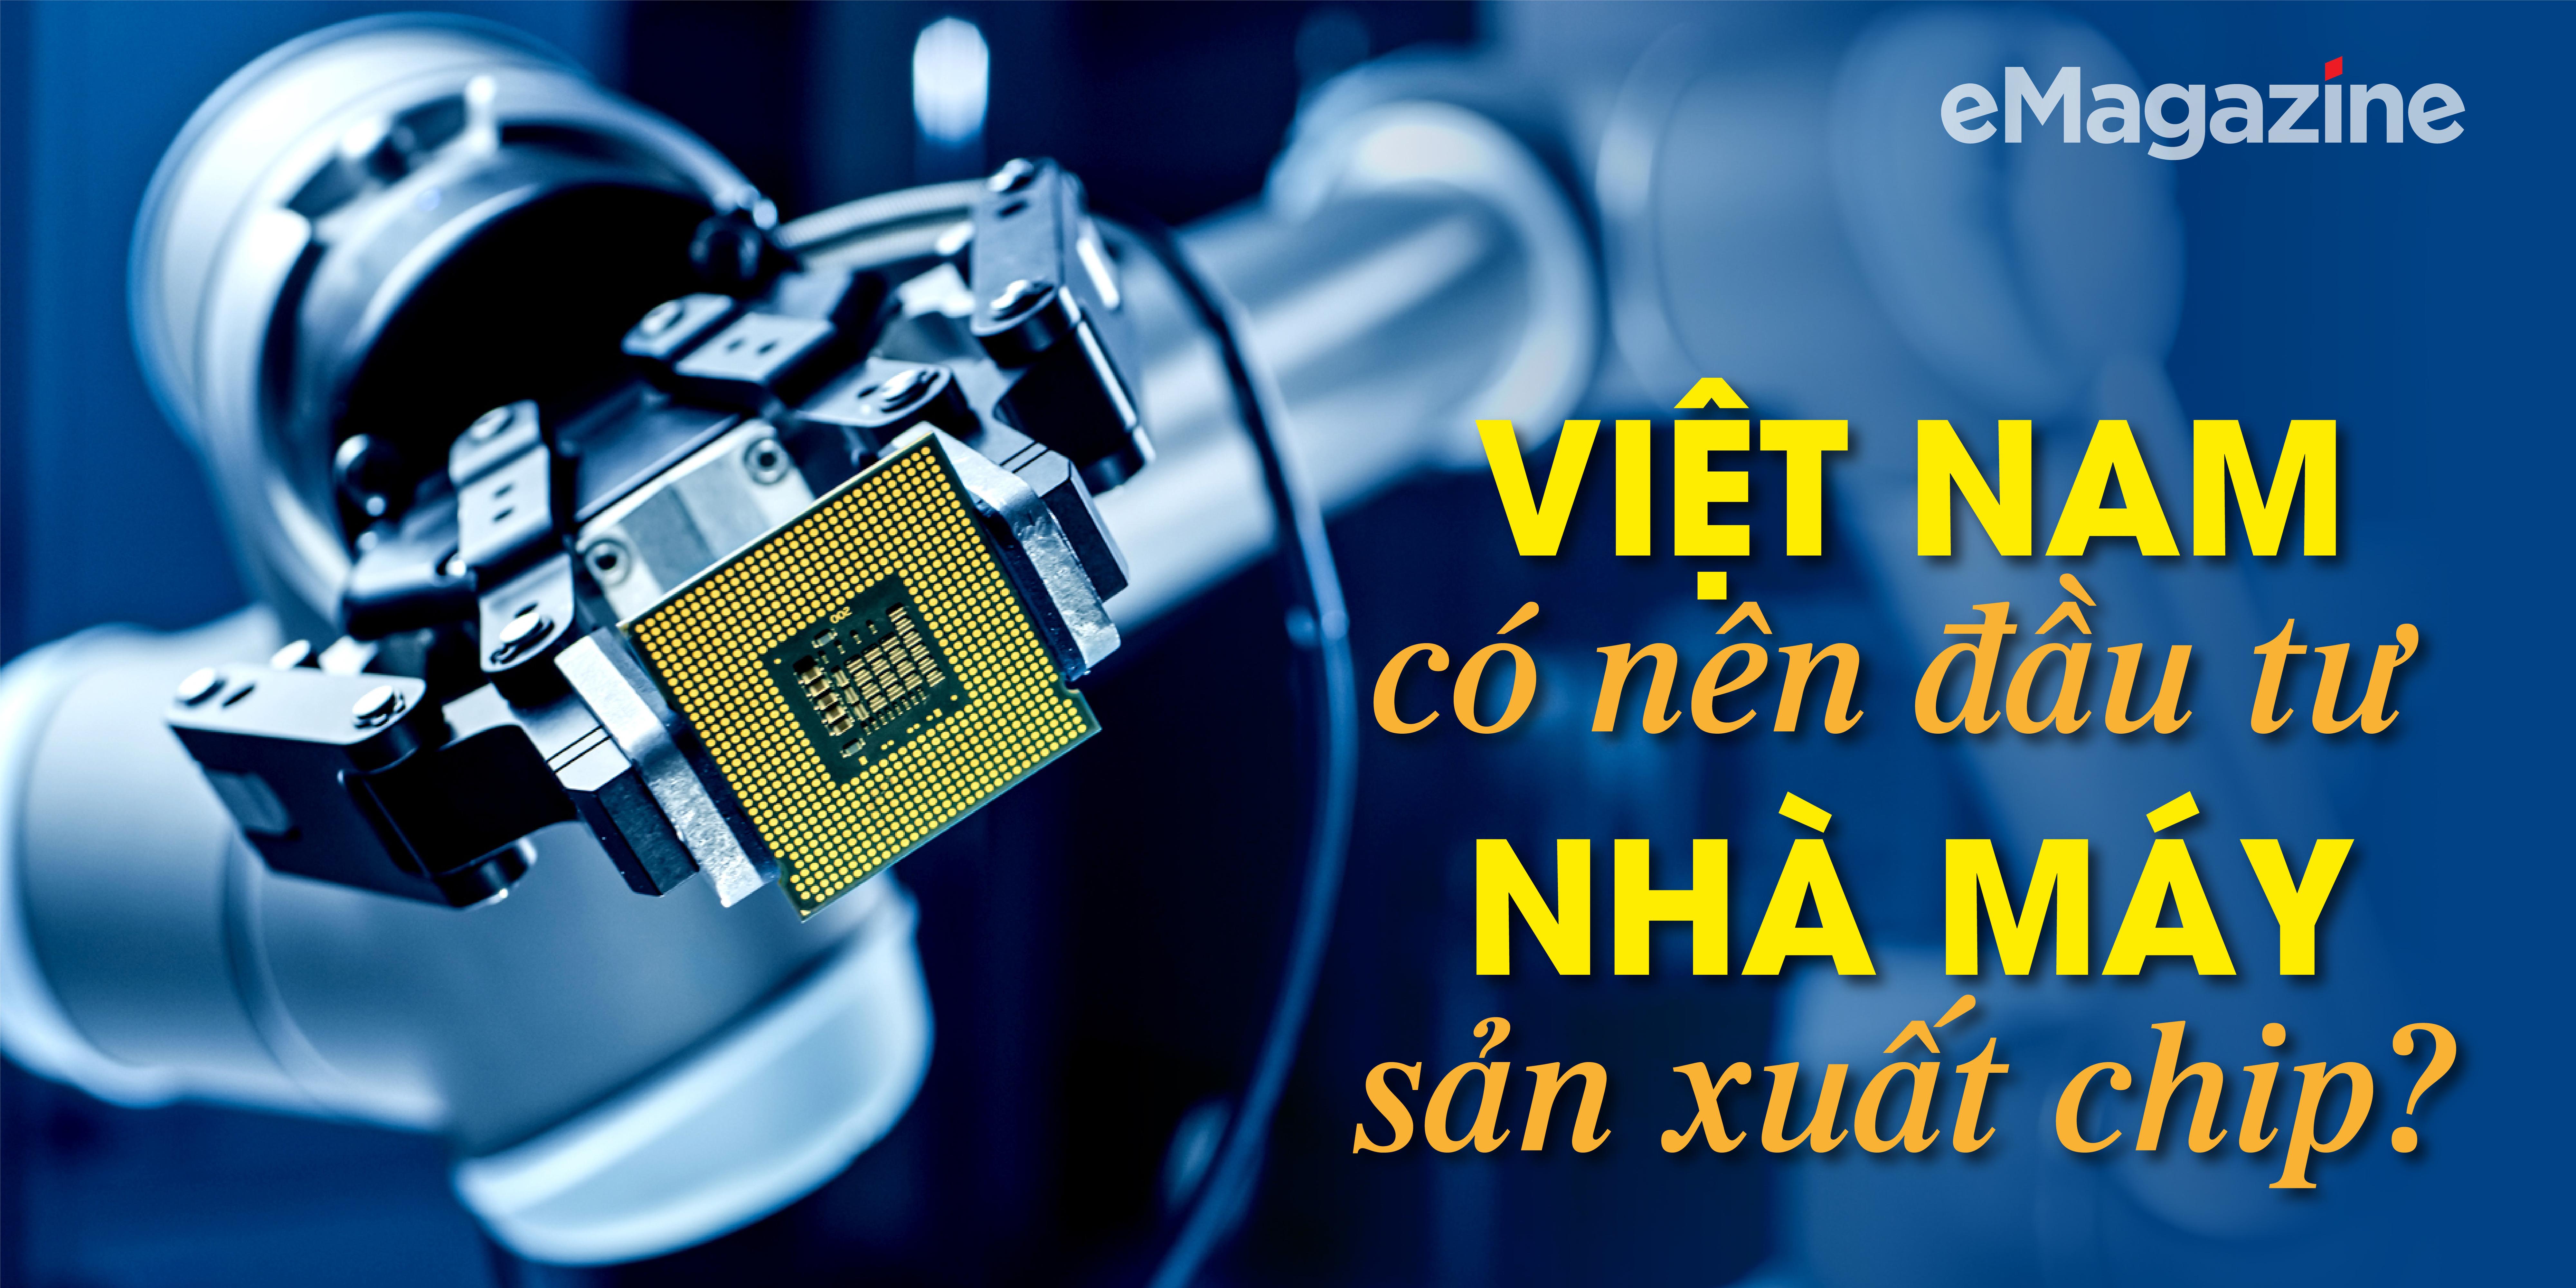 Bài 2: Việt Nam có nên đầu tư nhà máy sản xuất chip? - Ảnh 1